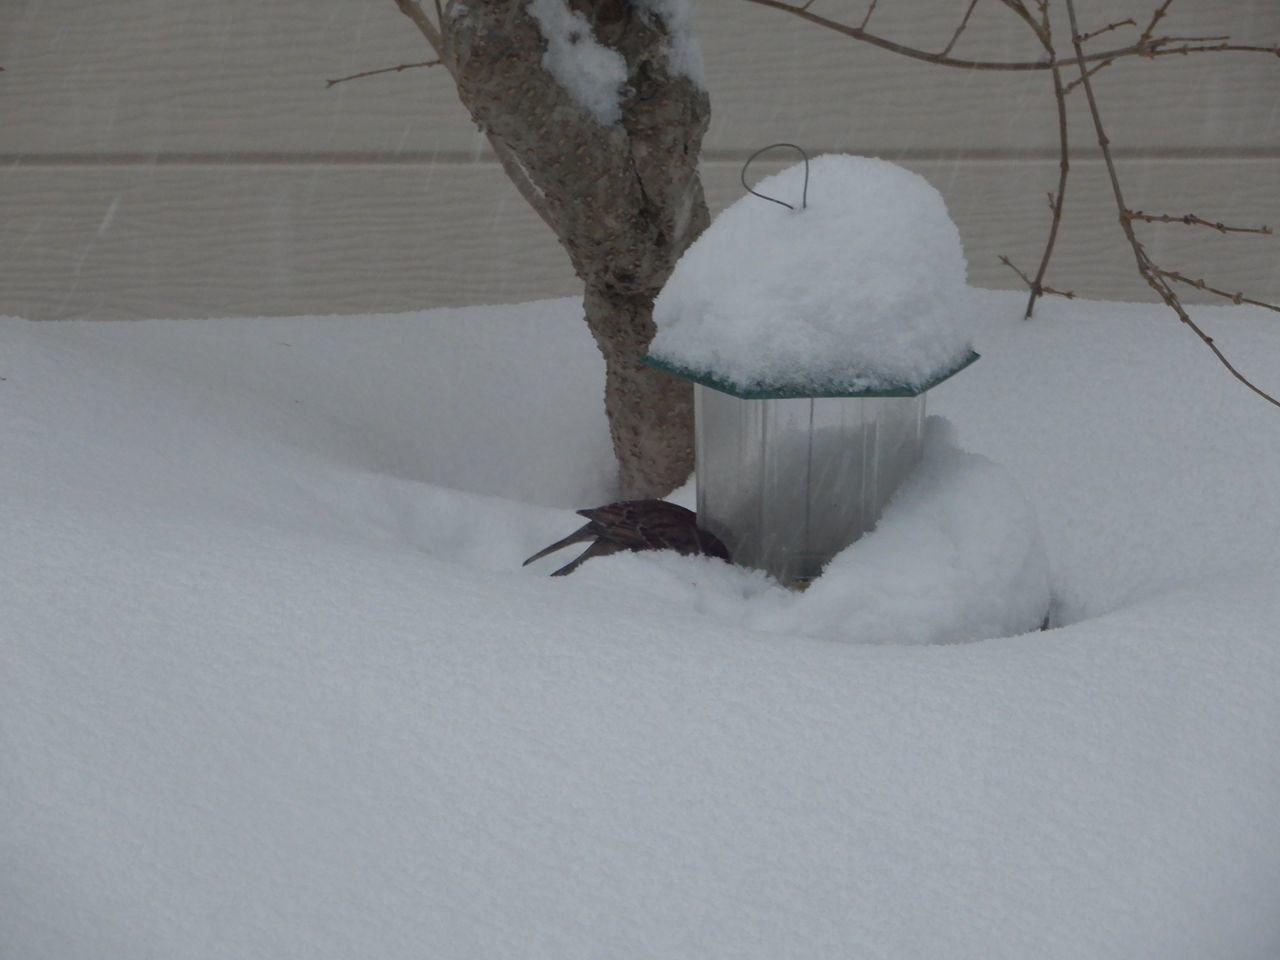 必死で雪を掘って餌を探すスズメ_c0025115_22035030.jpg